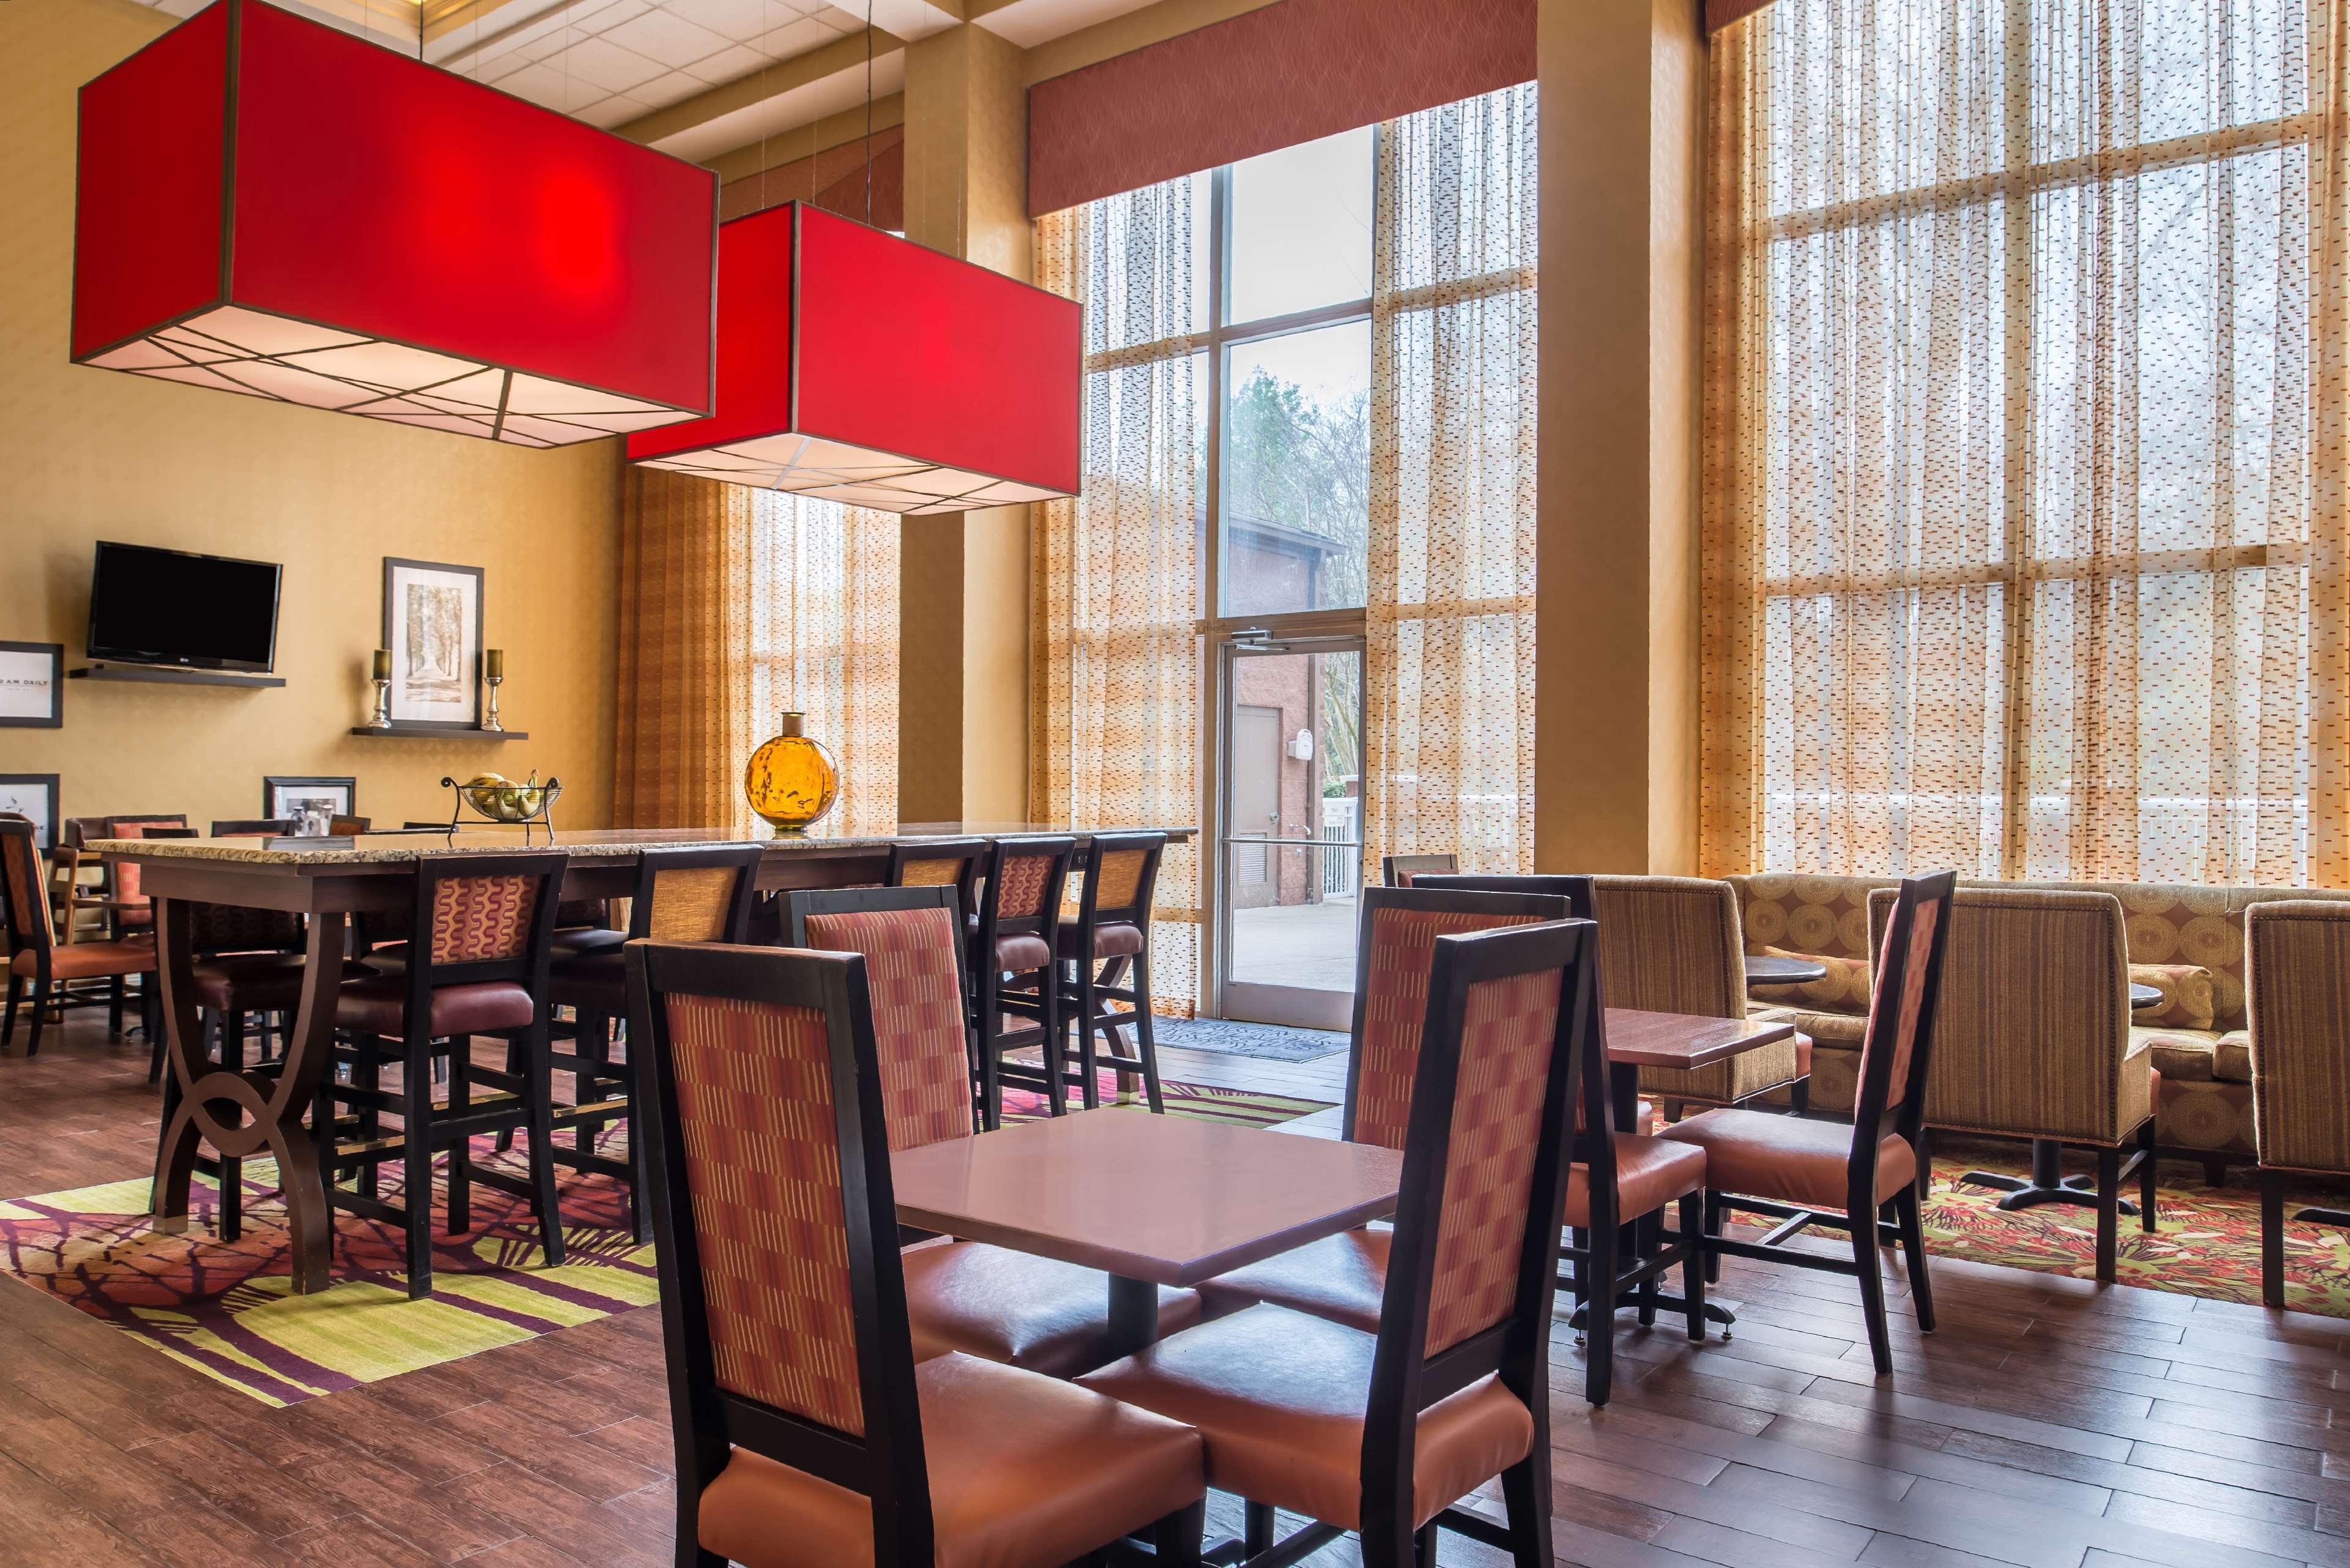 Hampton Inn & Suites Charlotte-Arrowood Rd. image 8